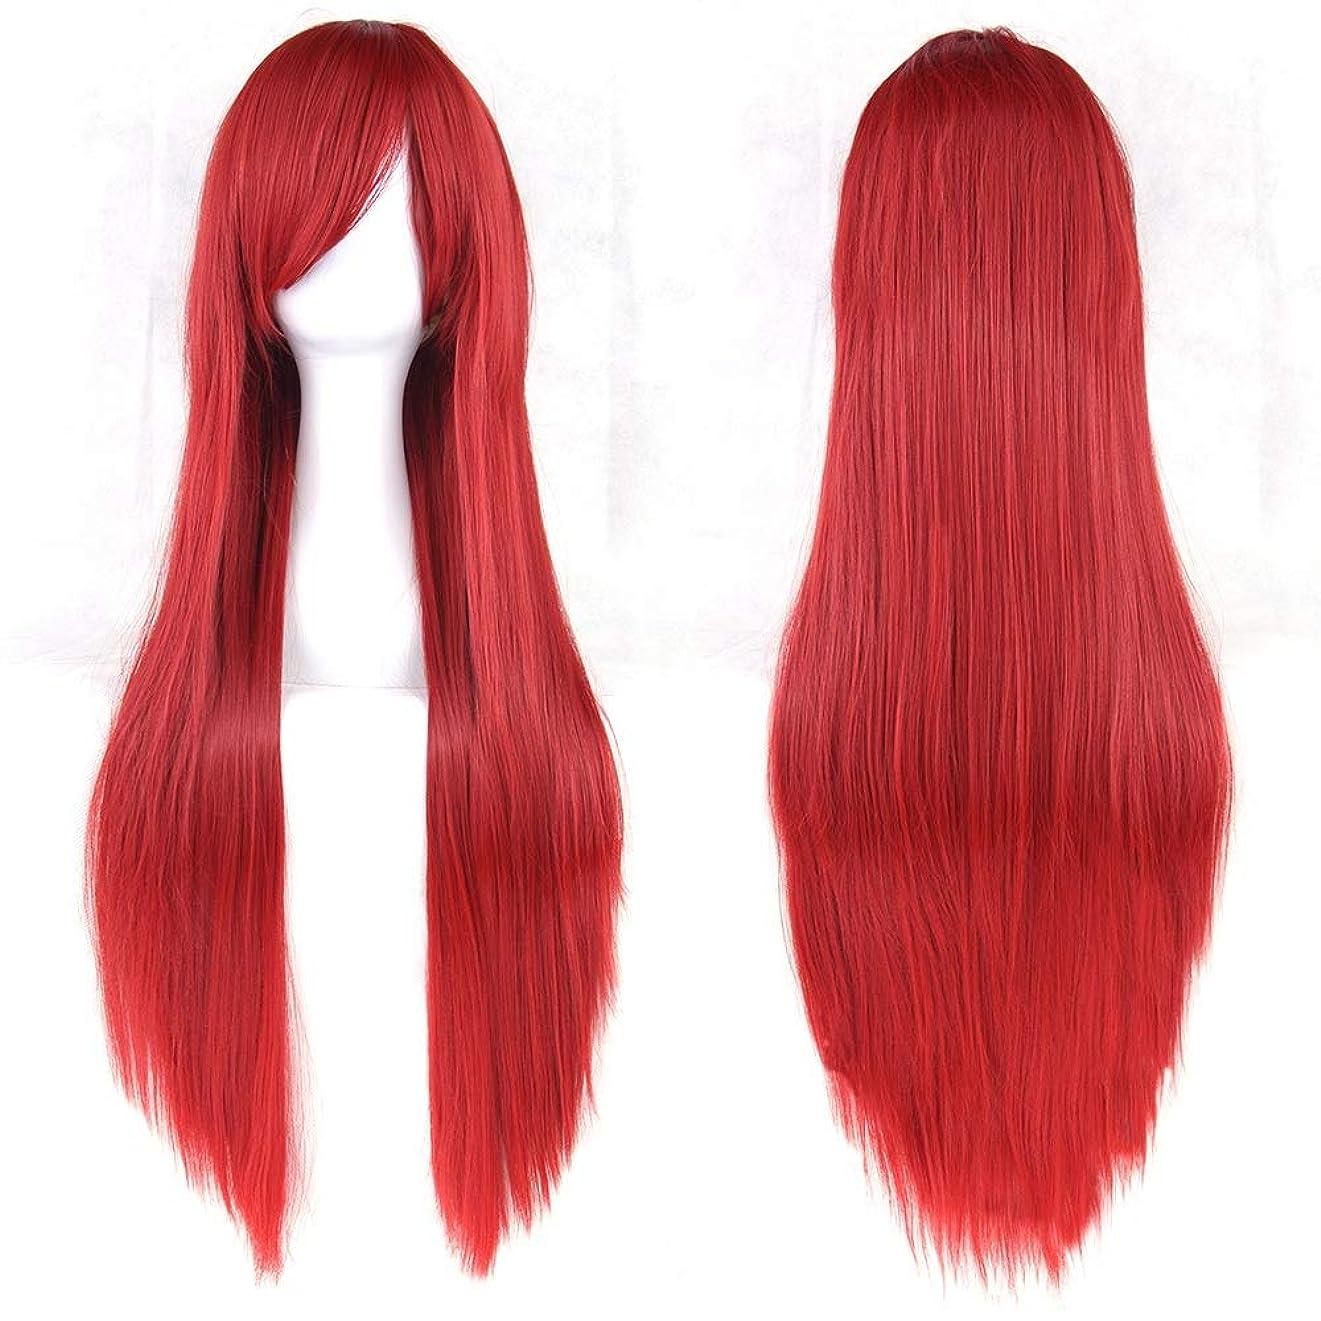 備品関係蜂女性用ロングナチュラルストレートウィッグ31インチ人工毛替えウィッグサイド別れハロウィンコスプレ衣装アニメパーティーロリータウィッグ (Color : 赤)